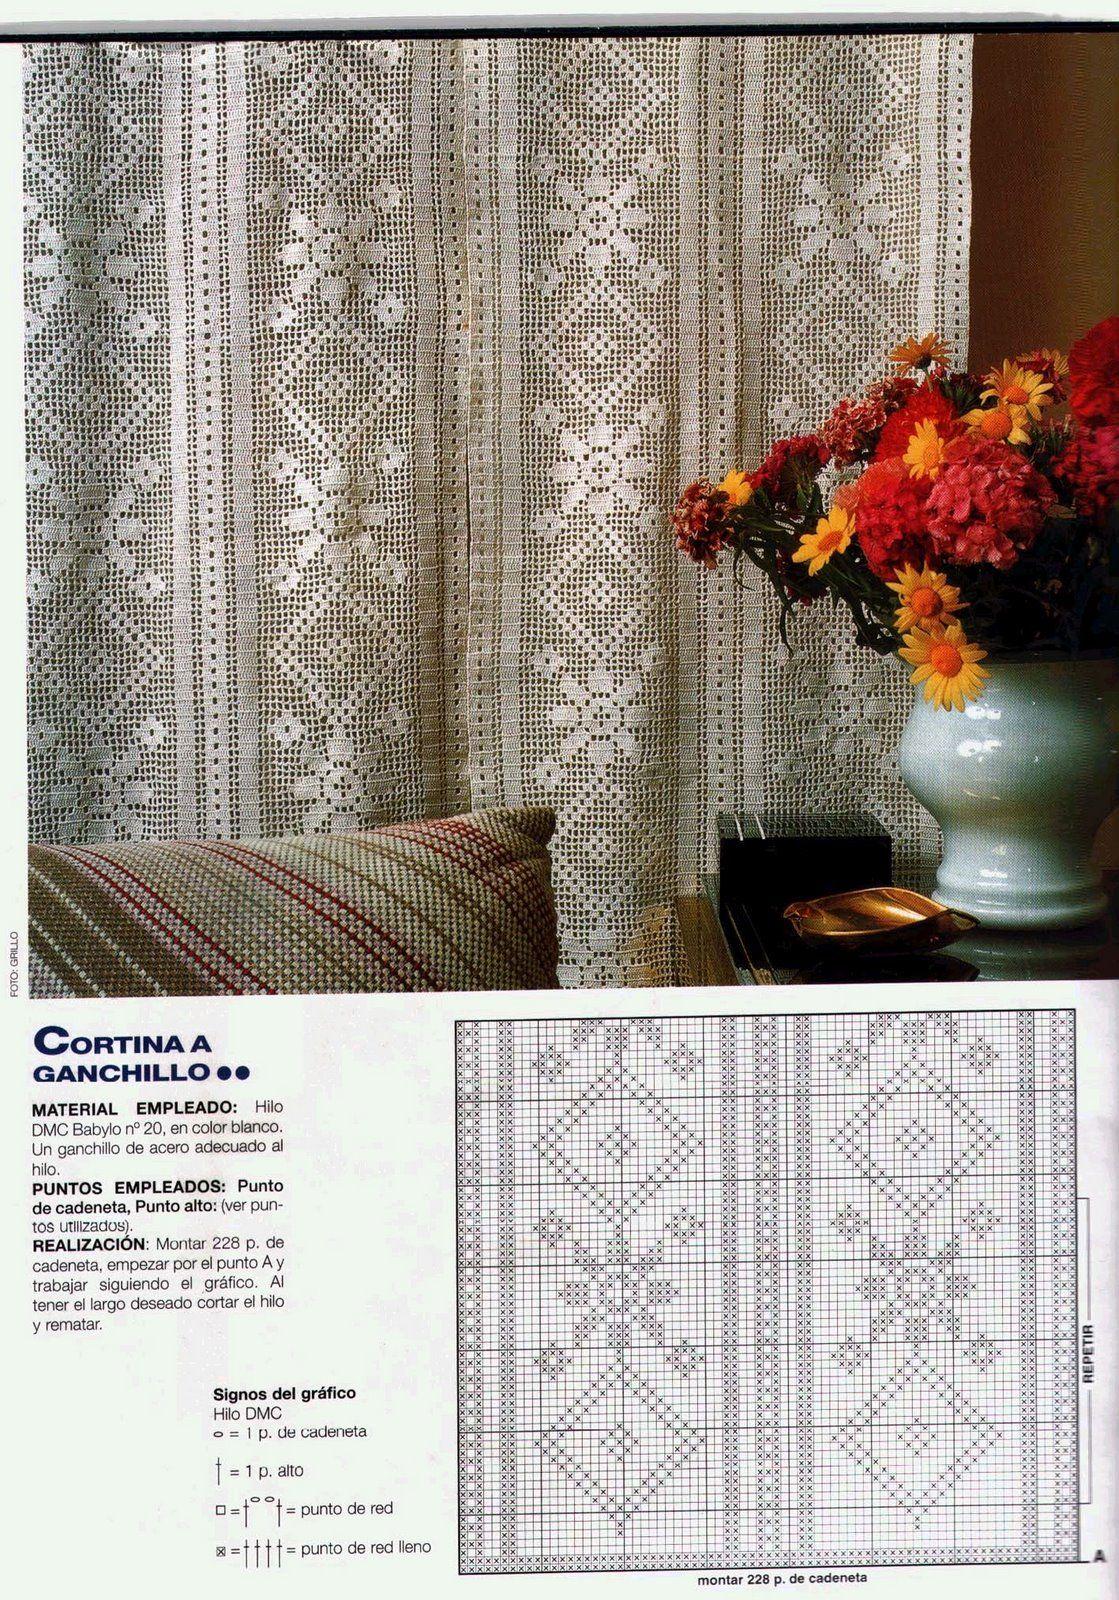 gardine vorh nge crochet pinterest h keln gardinen h keln und stricken. Black Bedroom Furniture Sets. Home Design Ideas